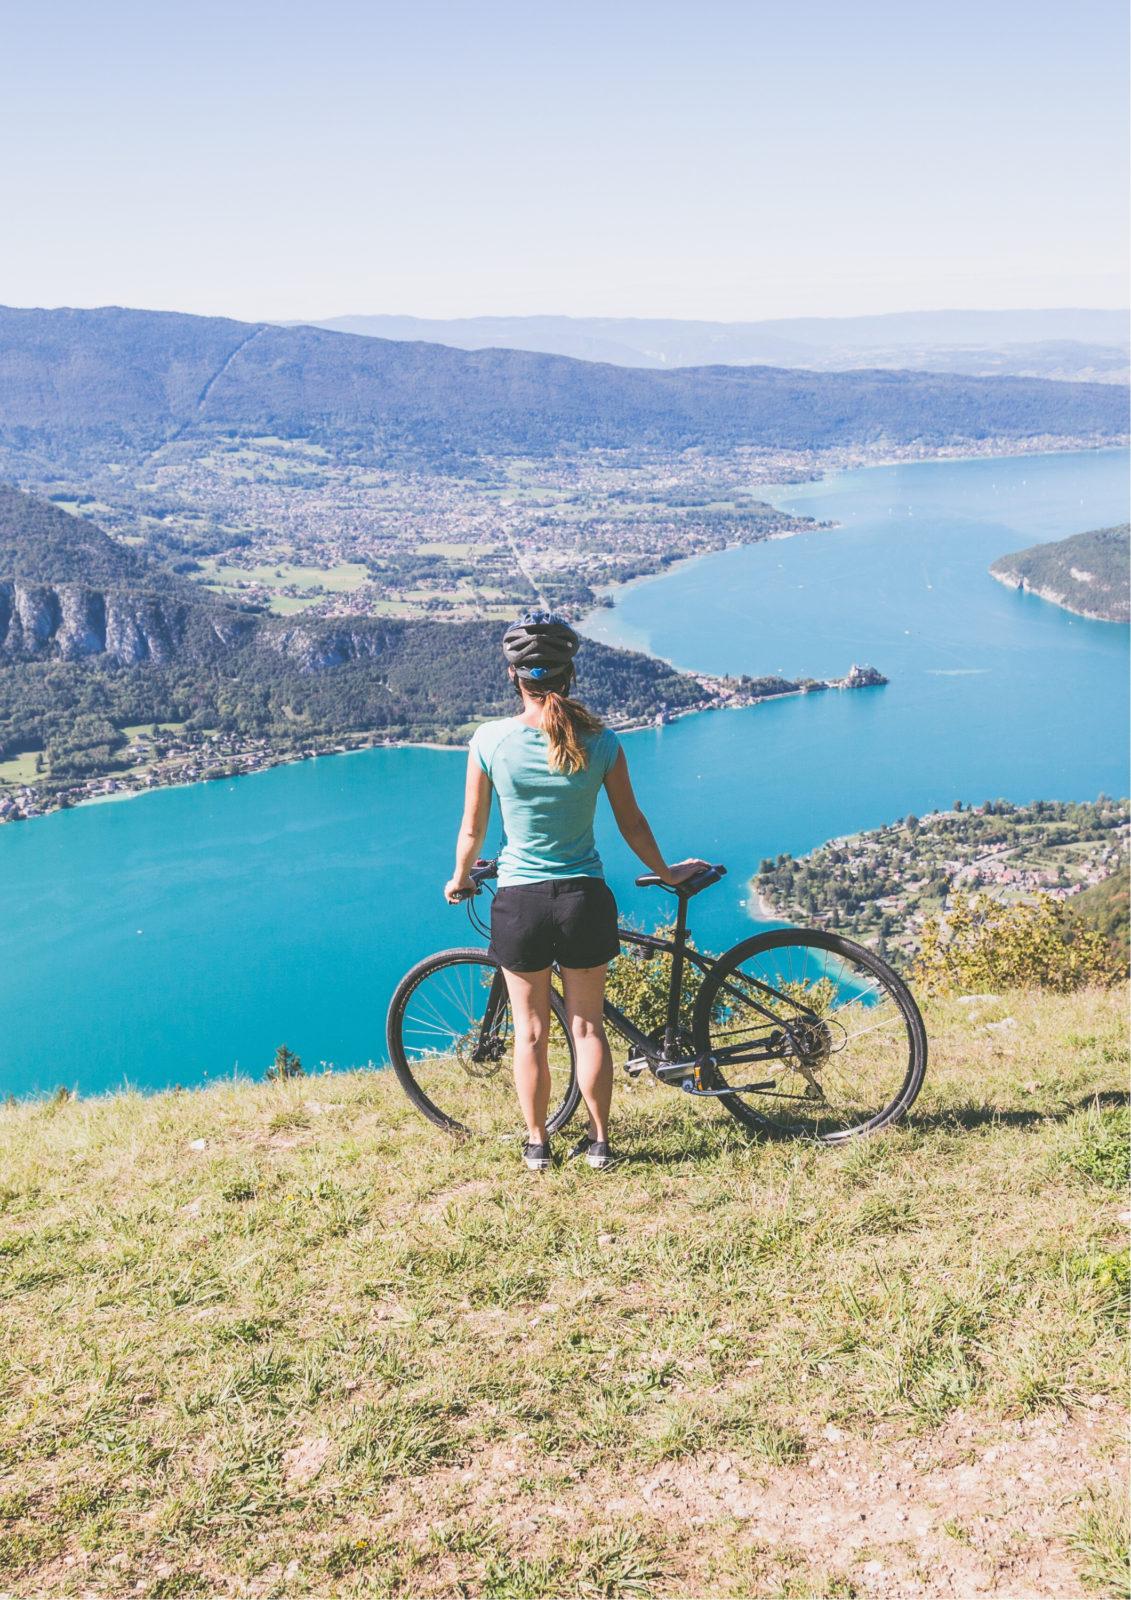 Vélo cycliste Col de la Forclaz Annecy - Accueil Location Nomad Bike